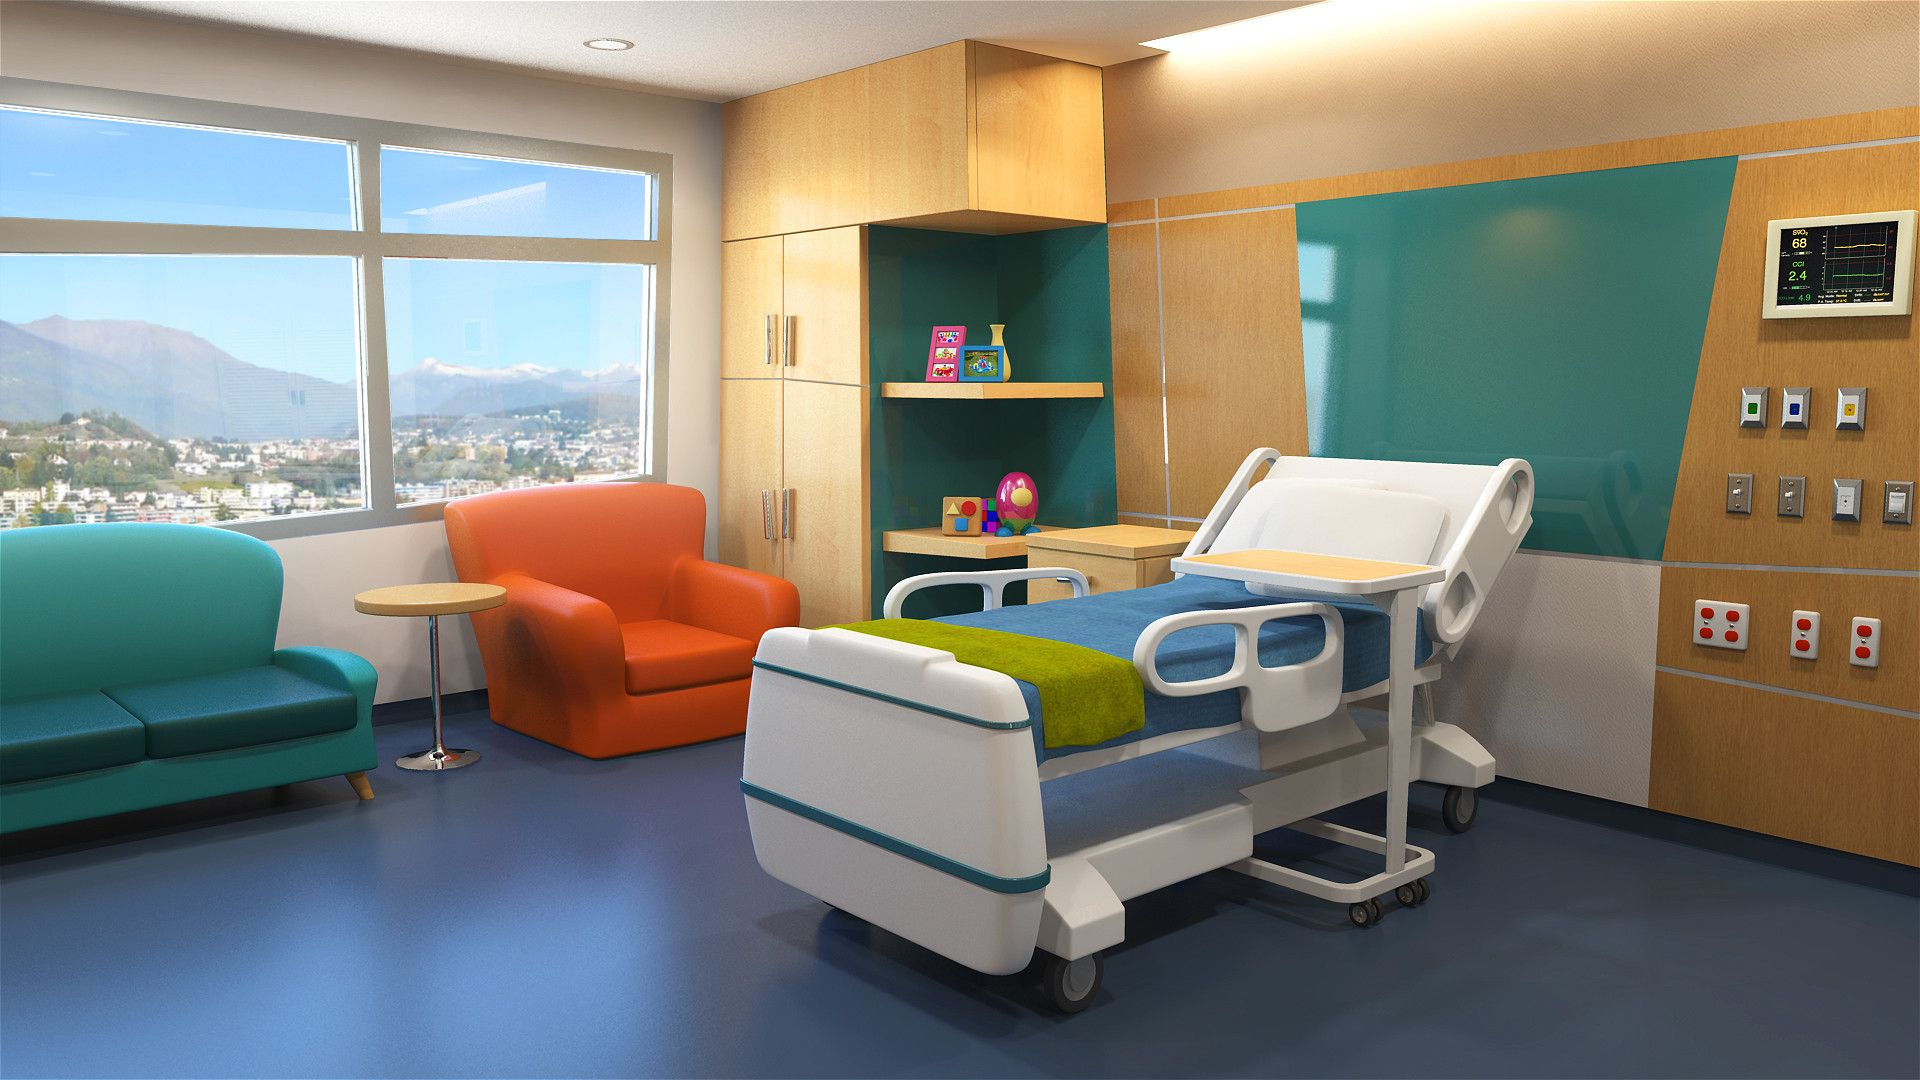 Empty hospital bed cartoon